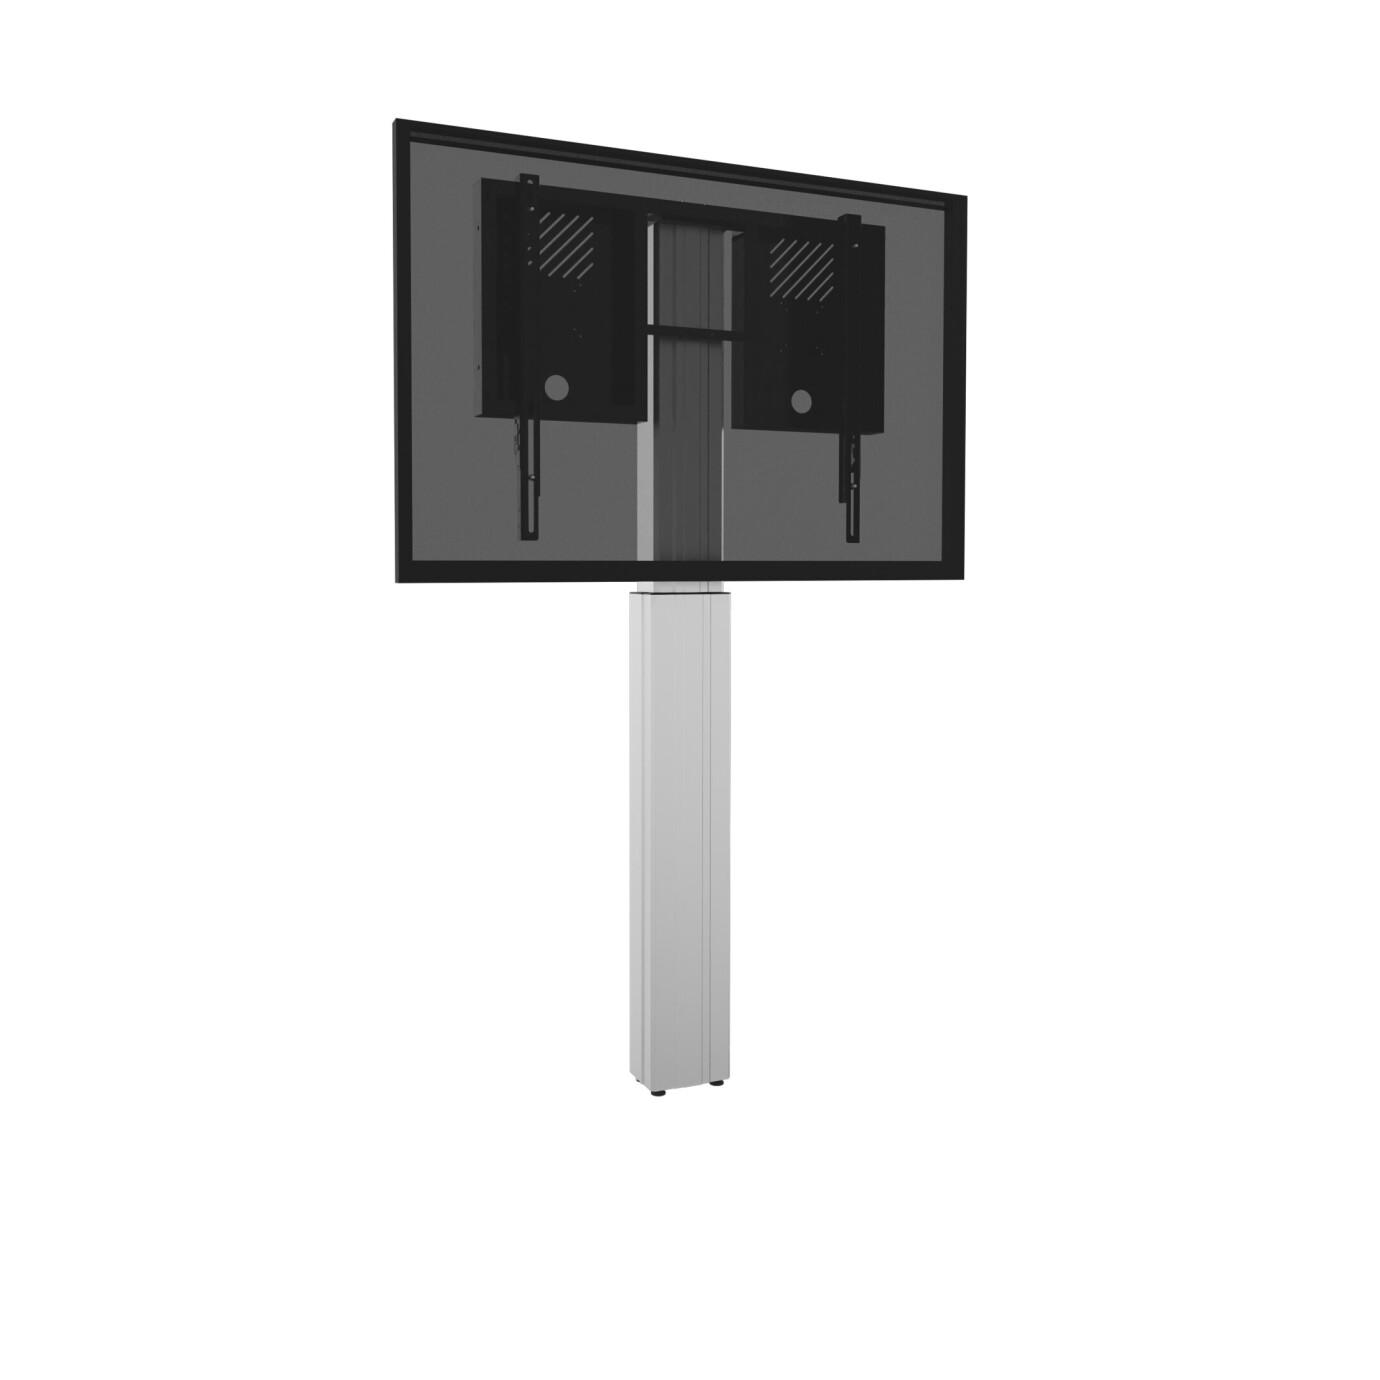 celexon Expert elektrisch höhenverstellbarer Display-Ständer Adjust-4286WS mit Wandbefestigung - 70cm